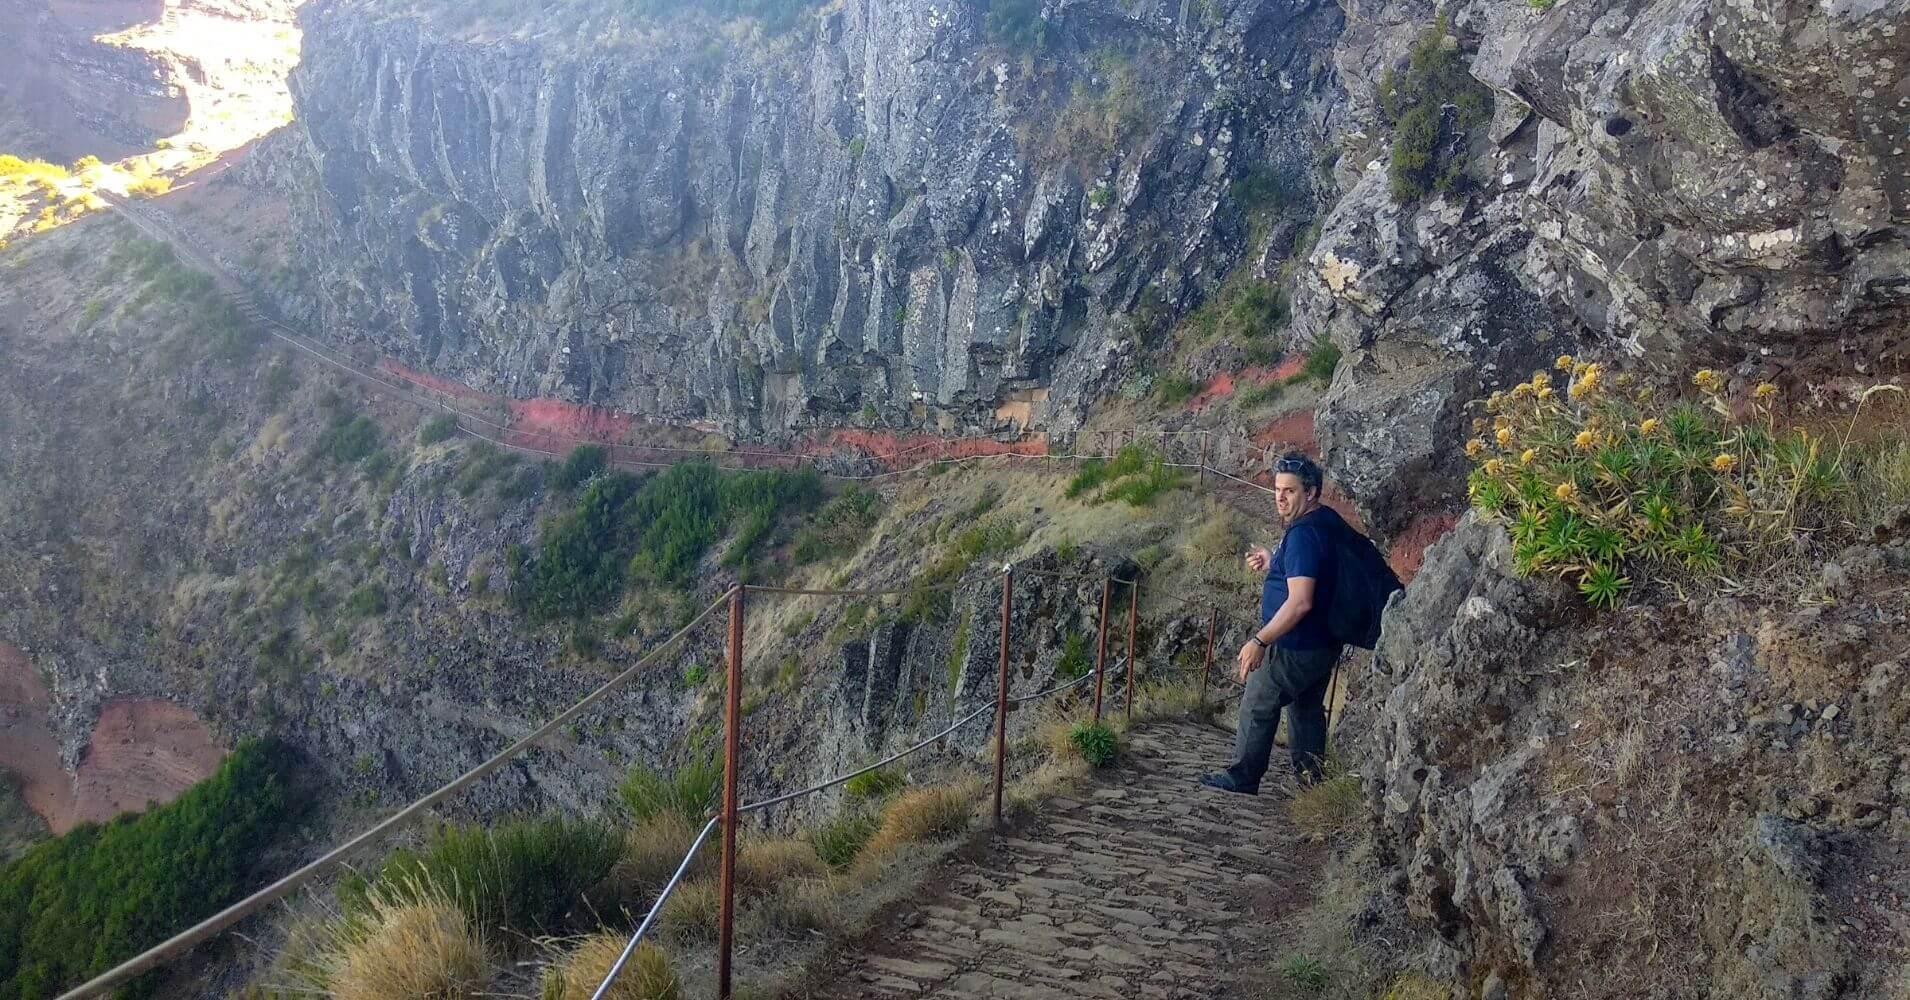 Vereda do Areeiro en Isla de Madeira. Portugal.